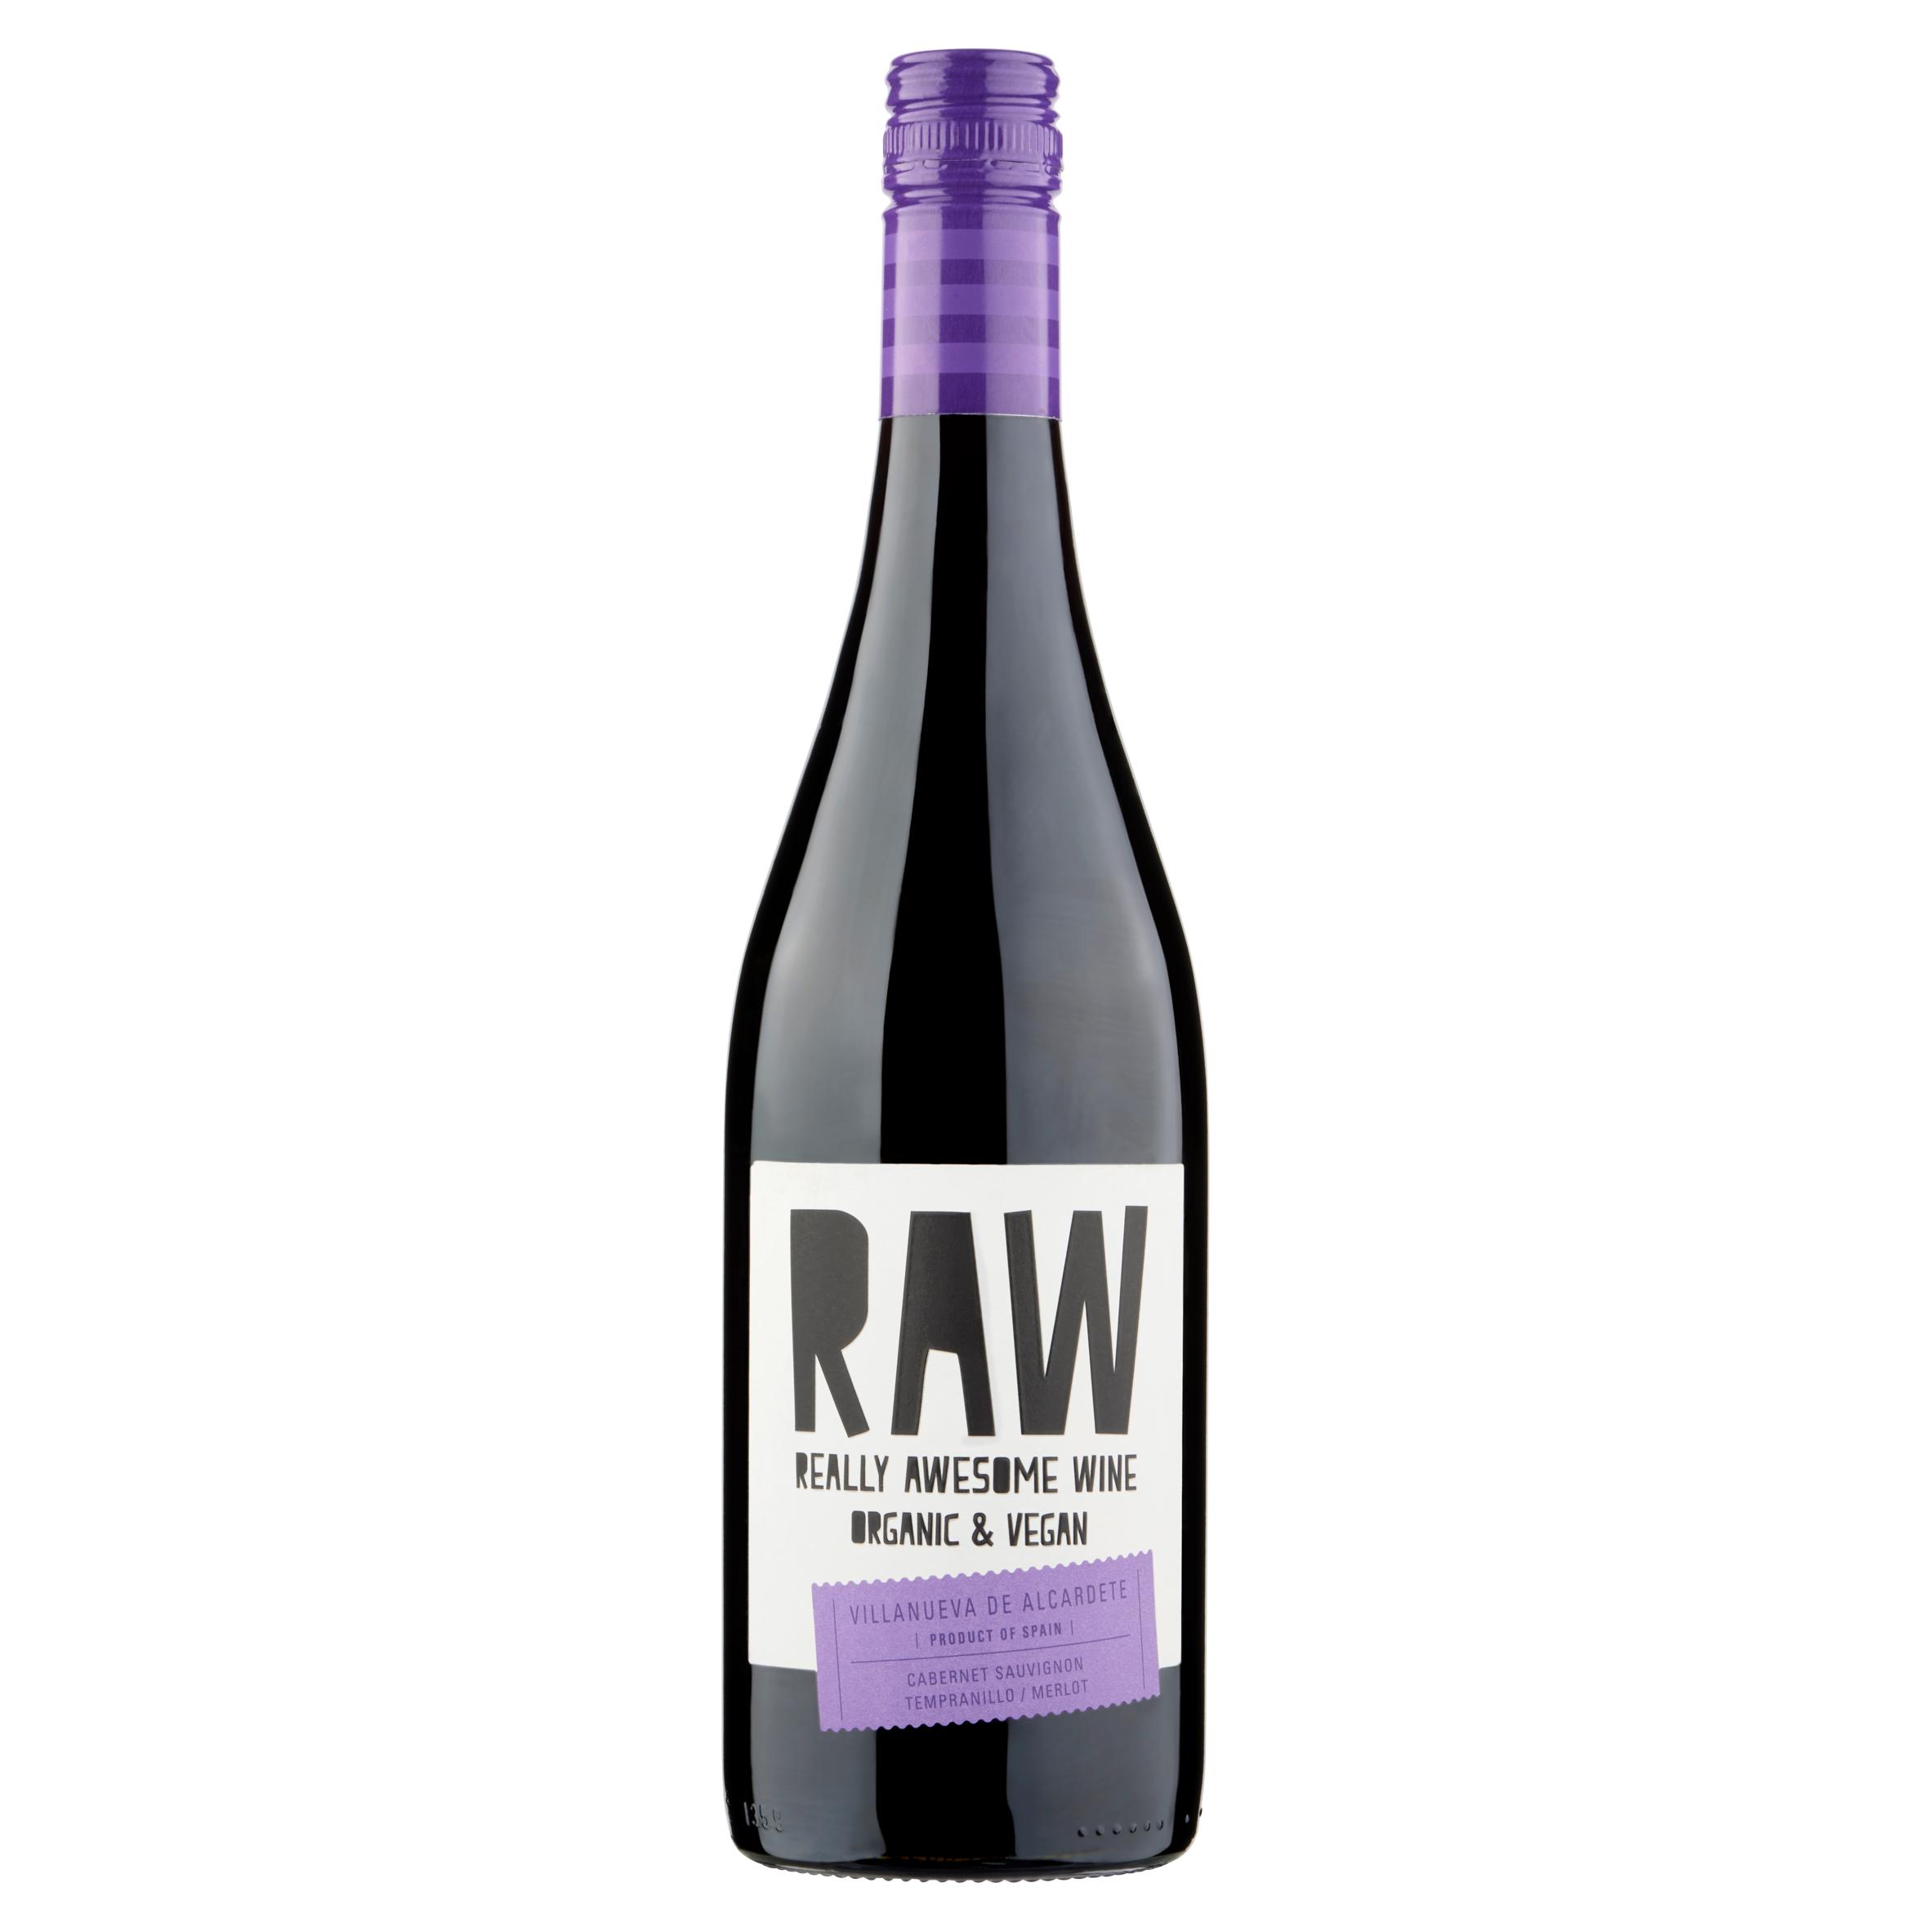 Raw Cabernet Sauvignon Tempranillo / Merlot 750 ml